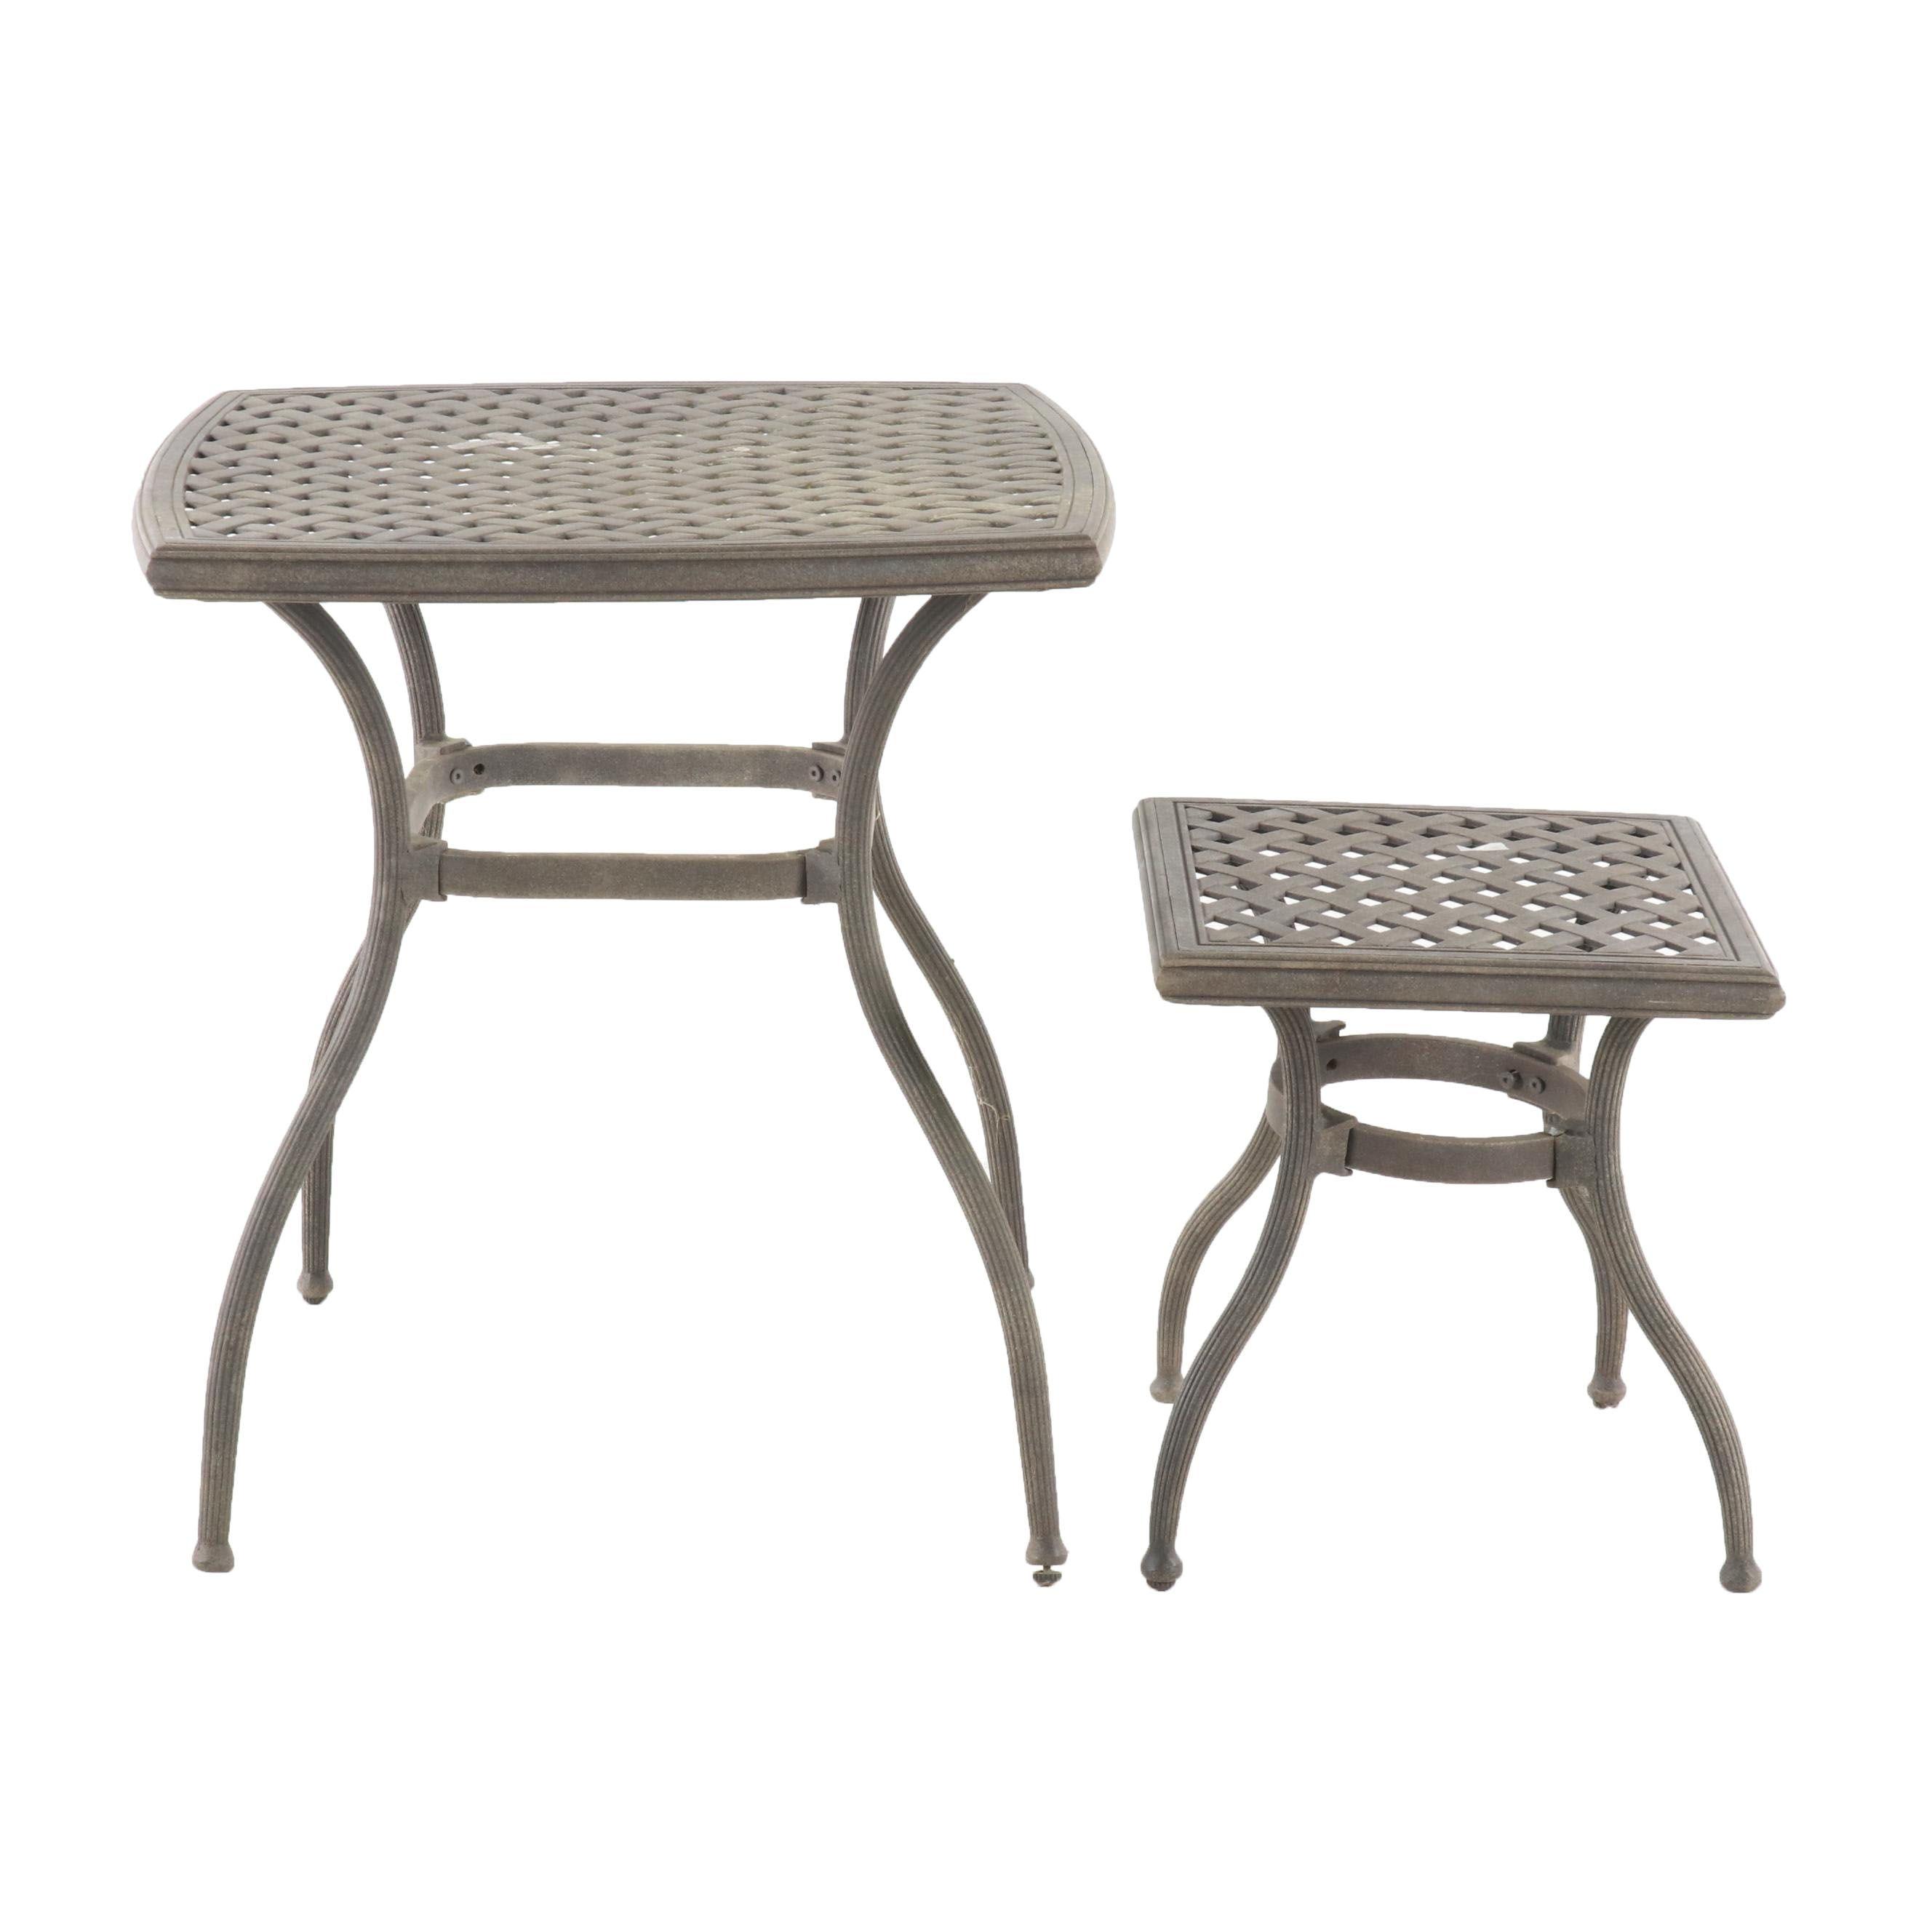 Garden Treasures Classics Metal Side Patio Tables, Contemporary